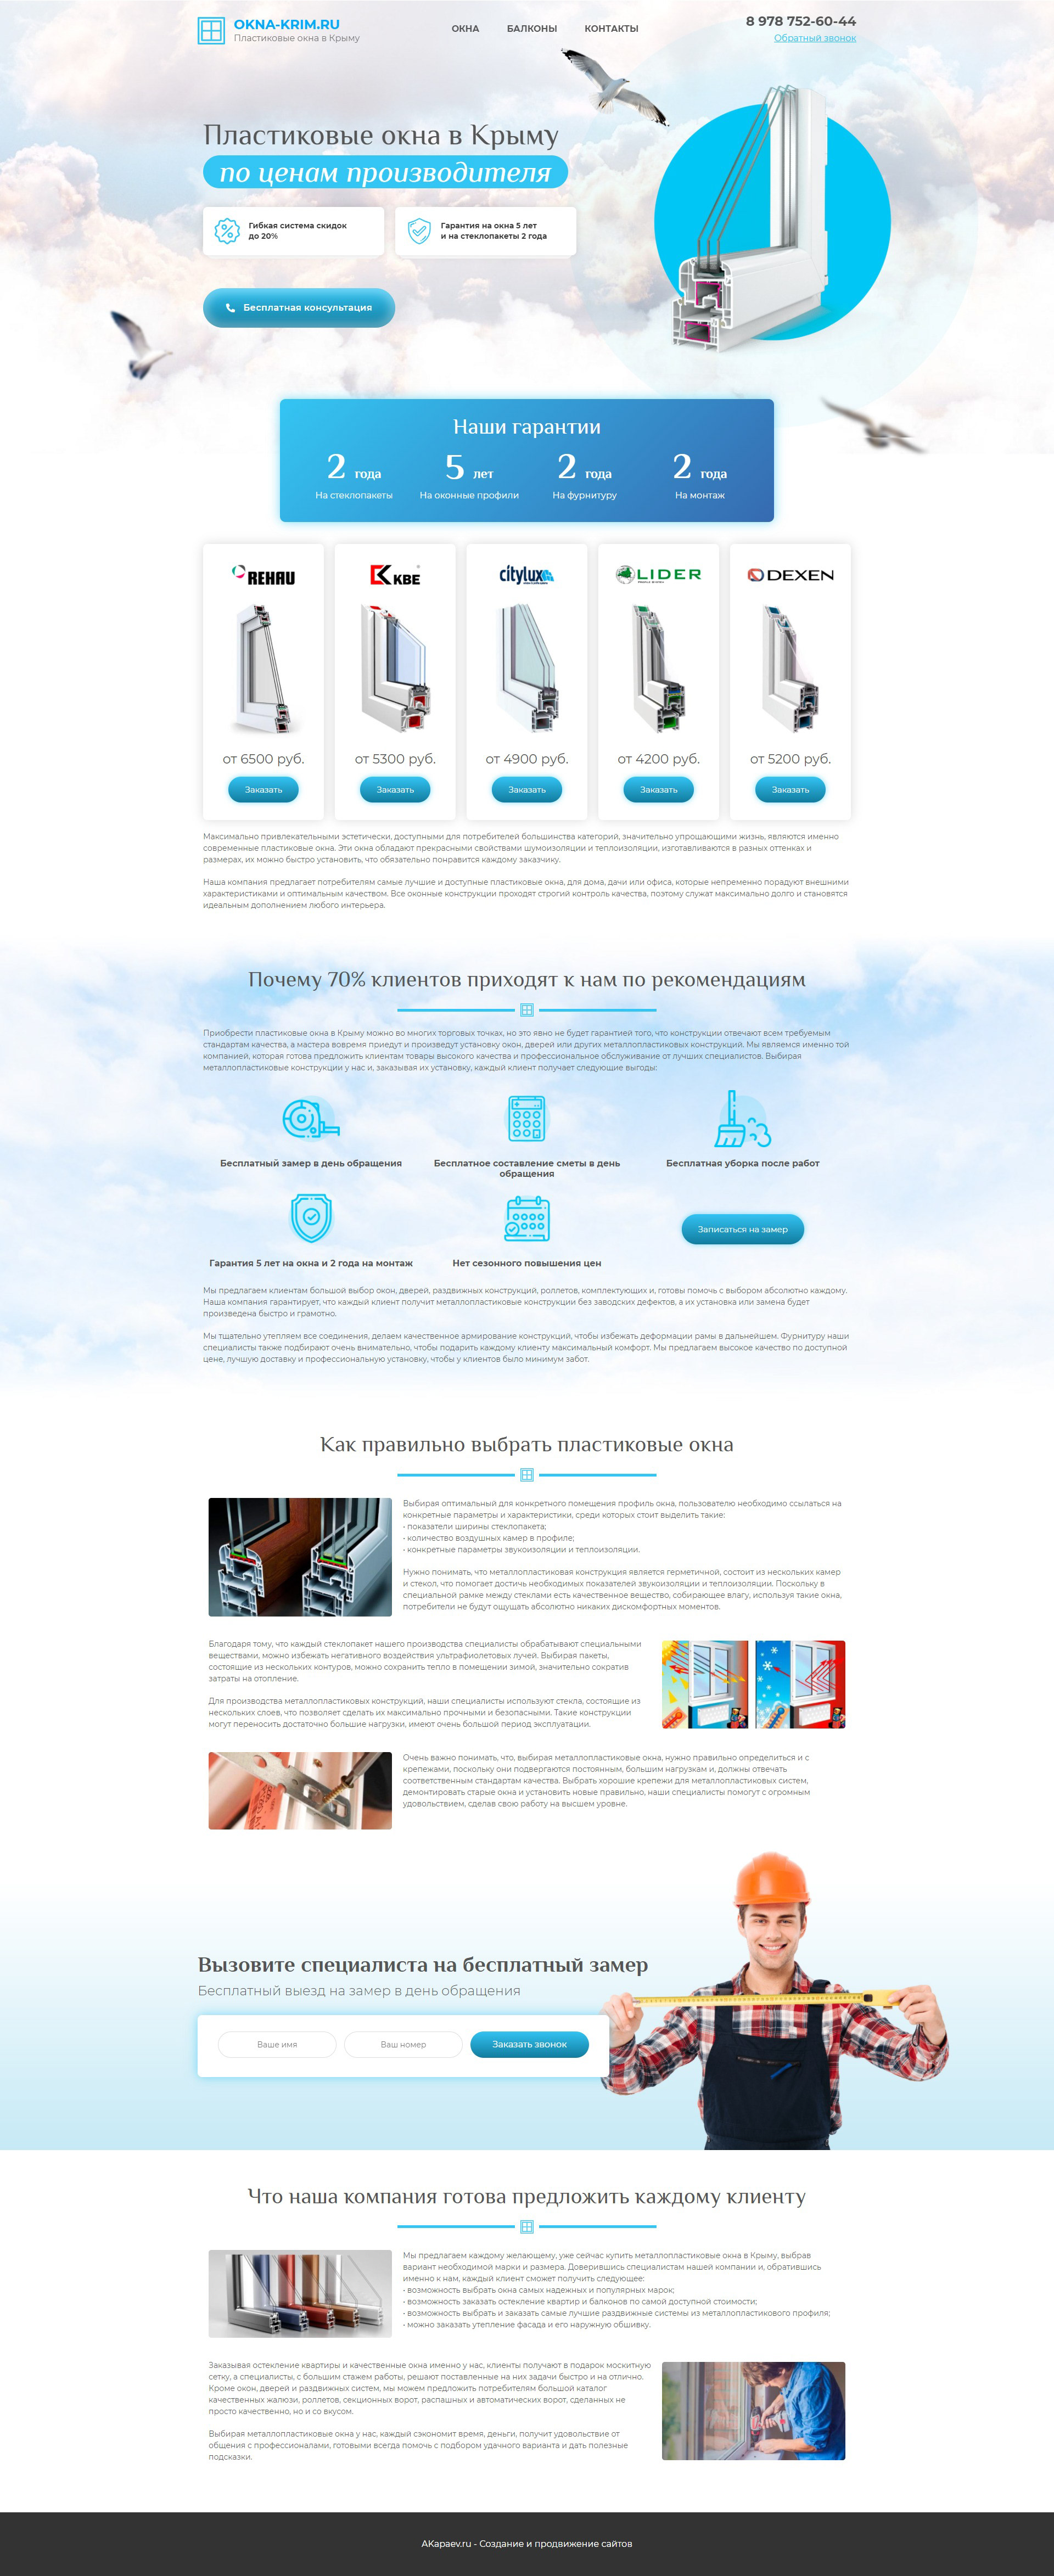 Кейс: Создание многостраничного сайта для продажи пластиковых окон